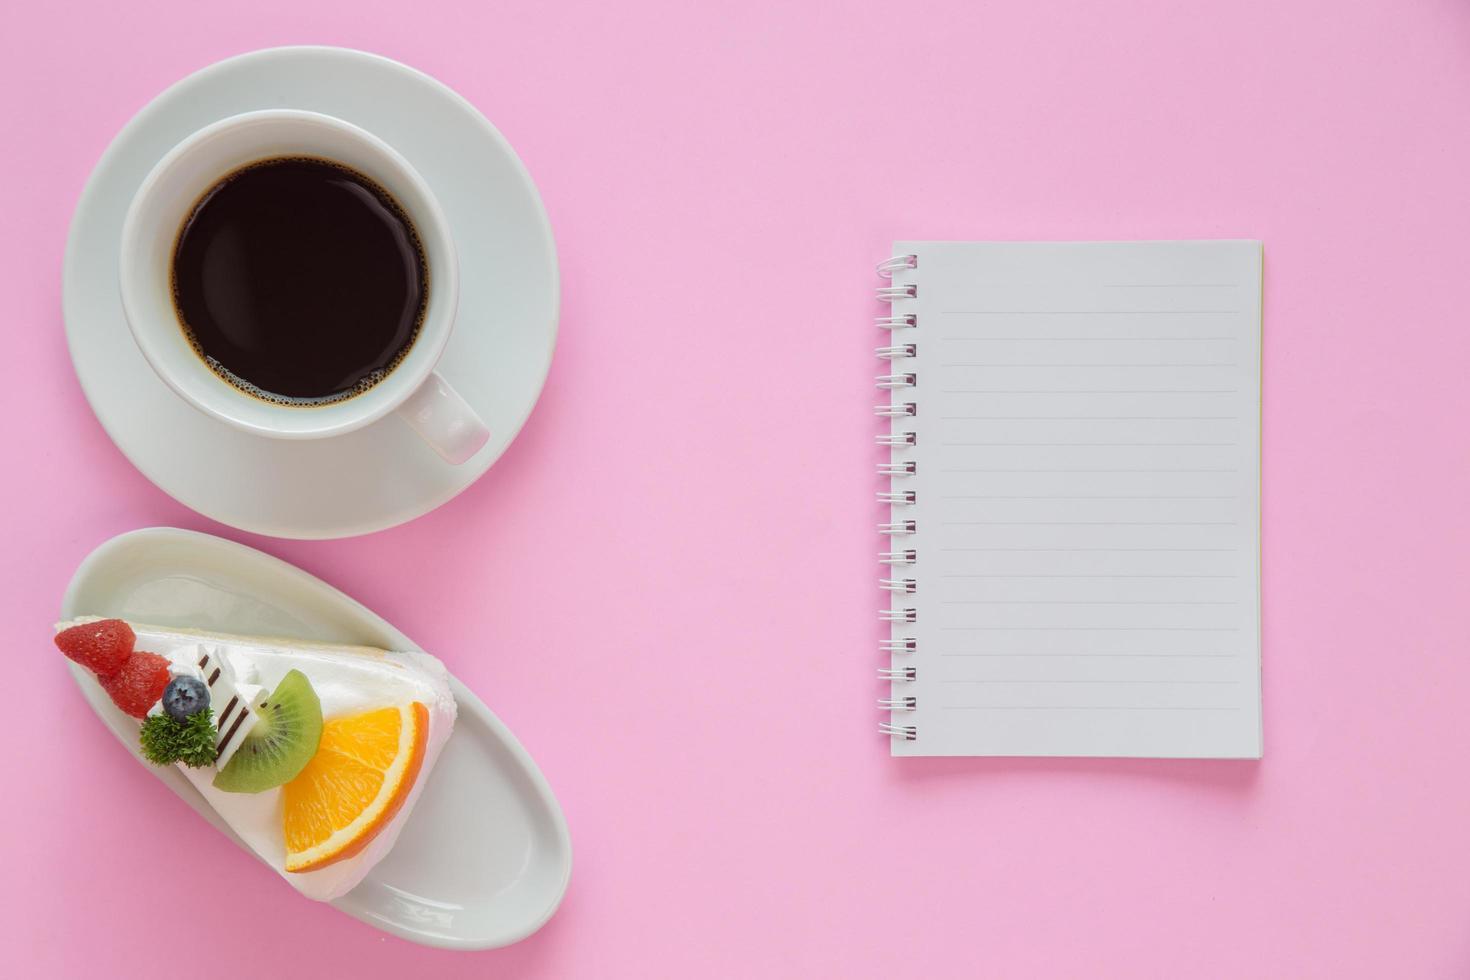 bovenaanzicht van bureau met koffie en dessert foto